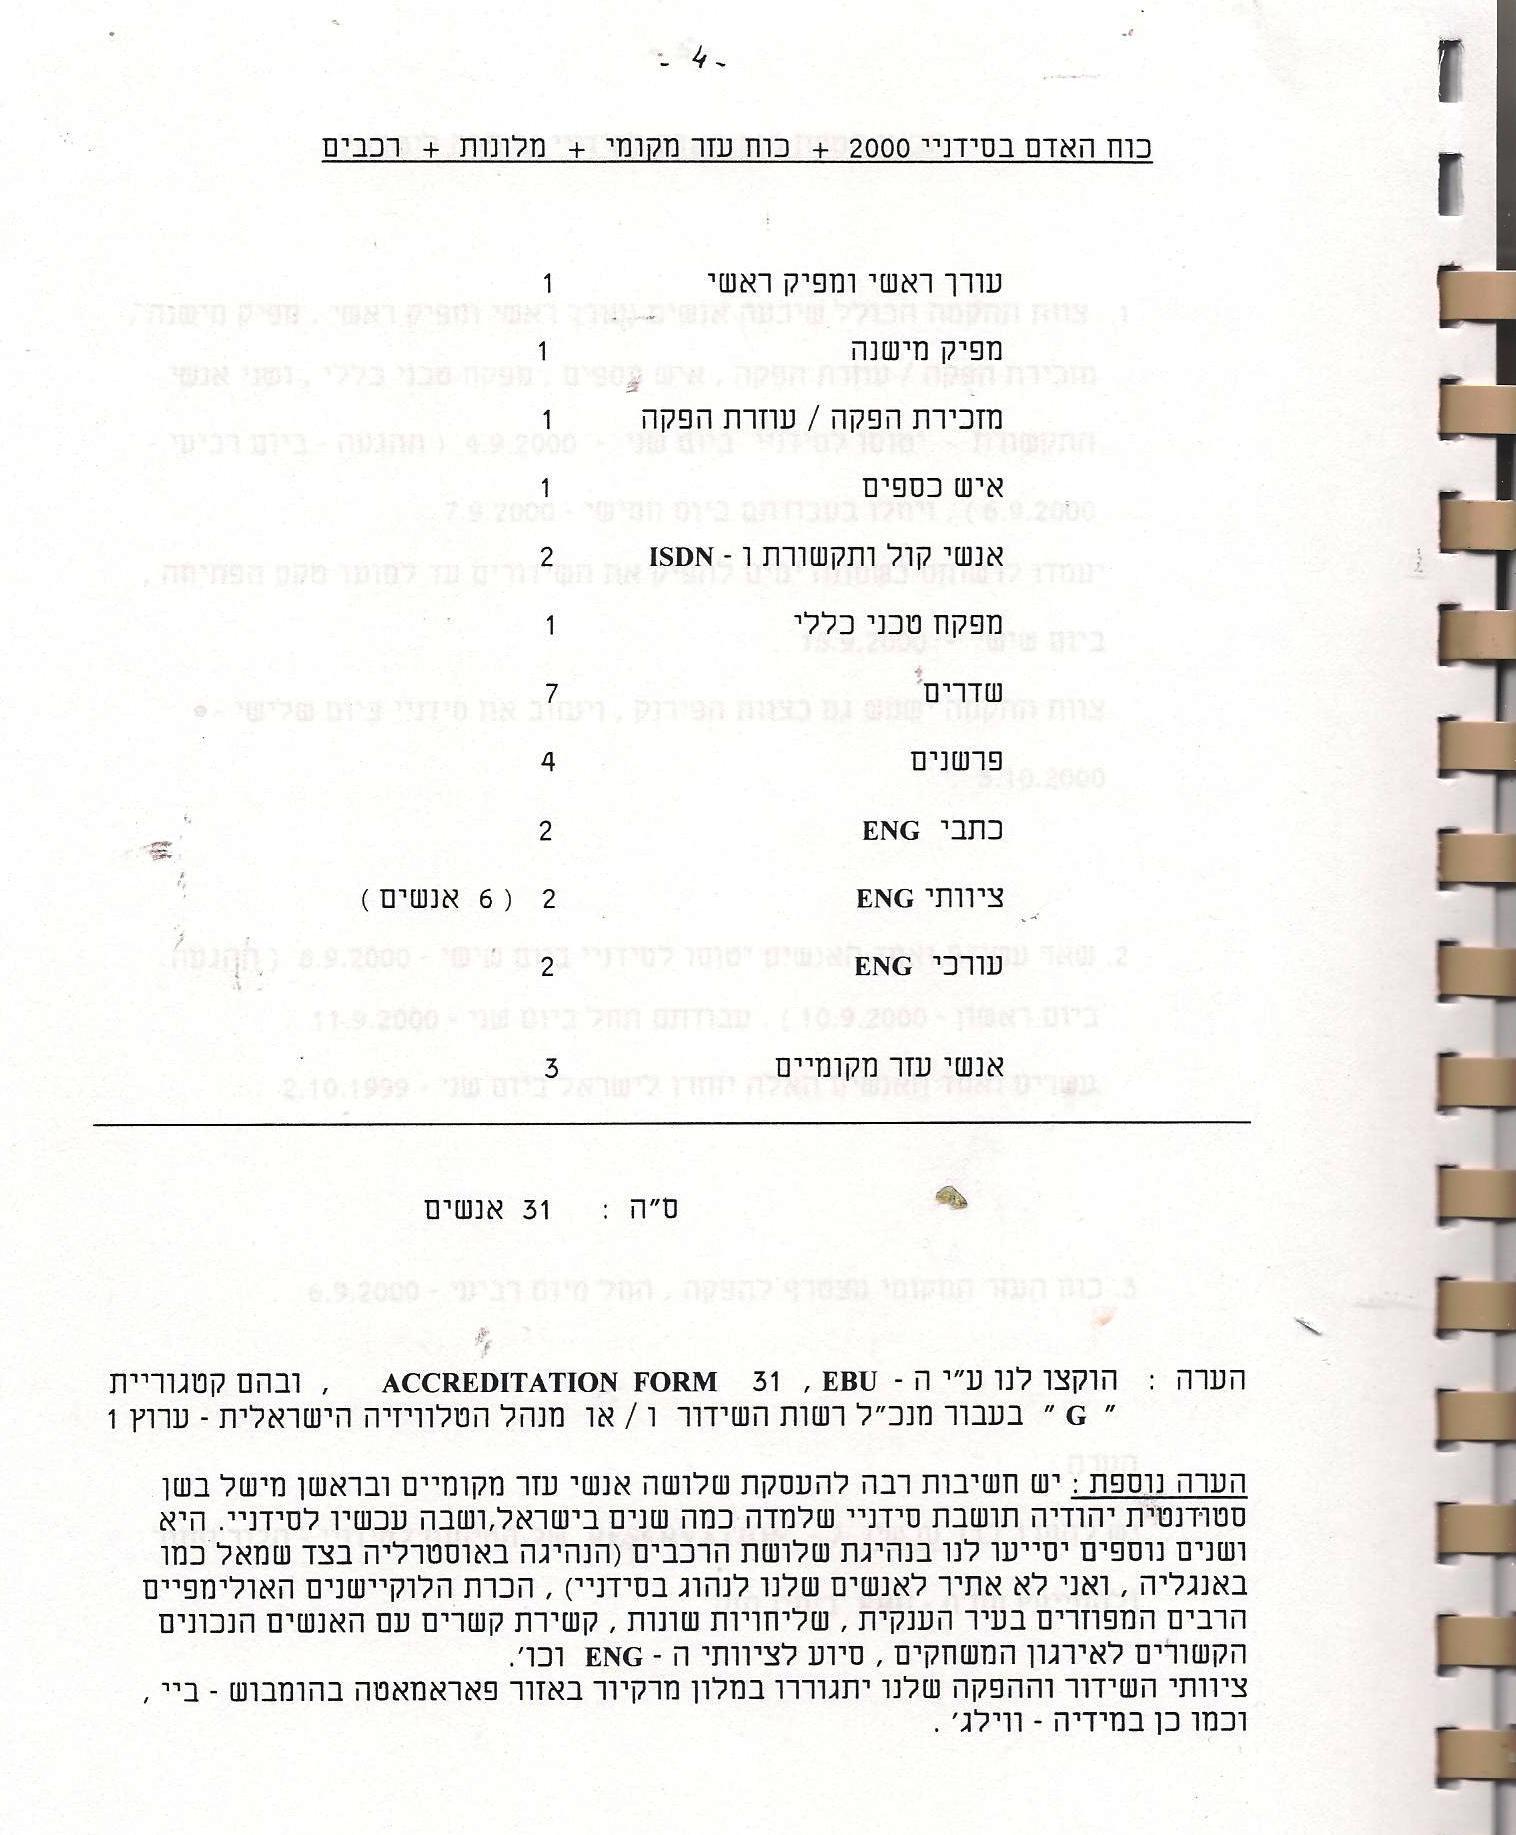 raport 13